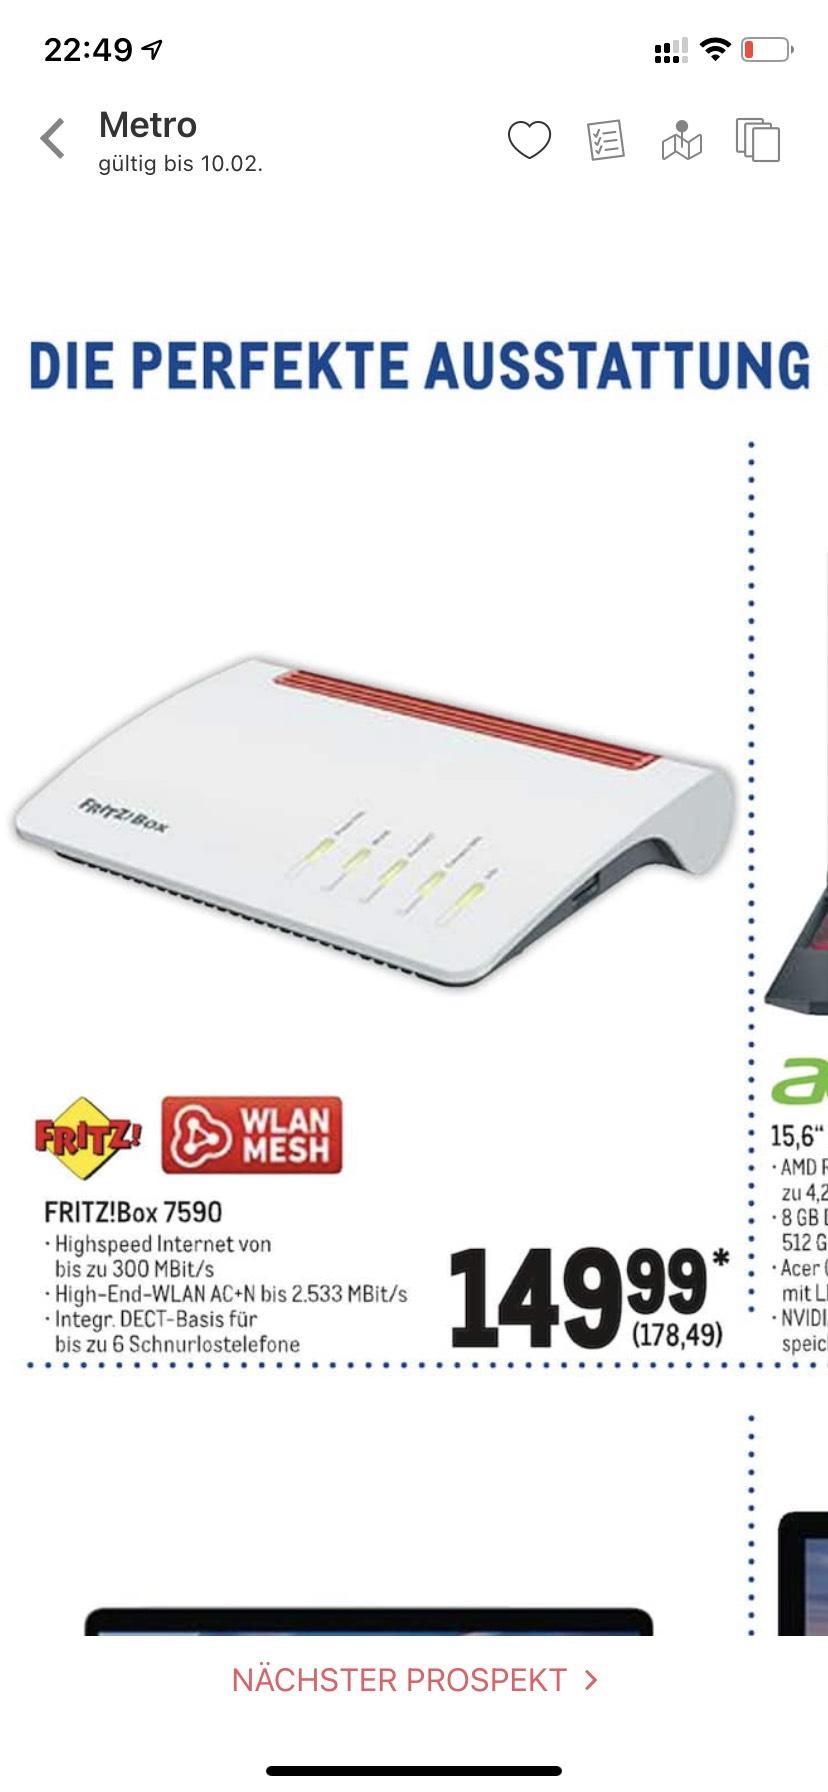 [Metro] AVM Fritz!Box 7590 (nur bis 10.02.) 149.99€ für Gewerbetreibende